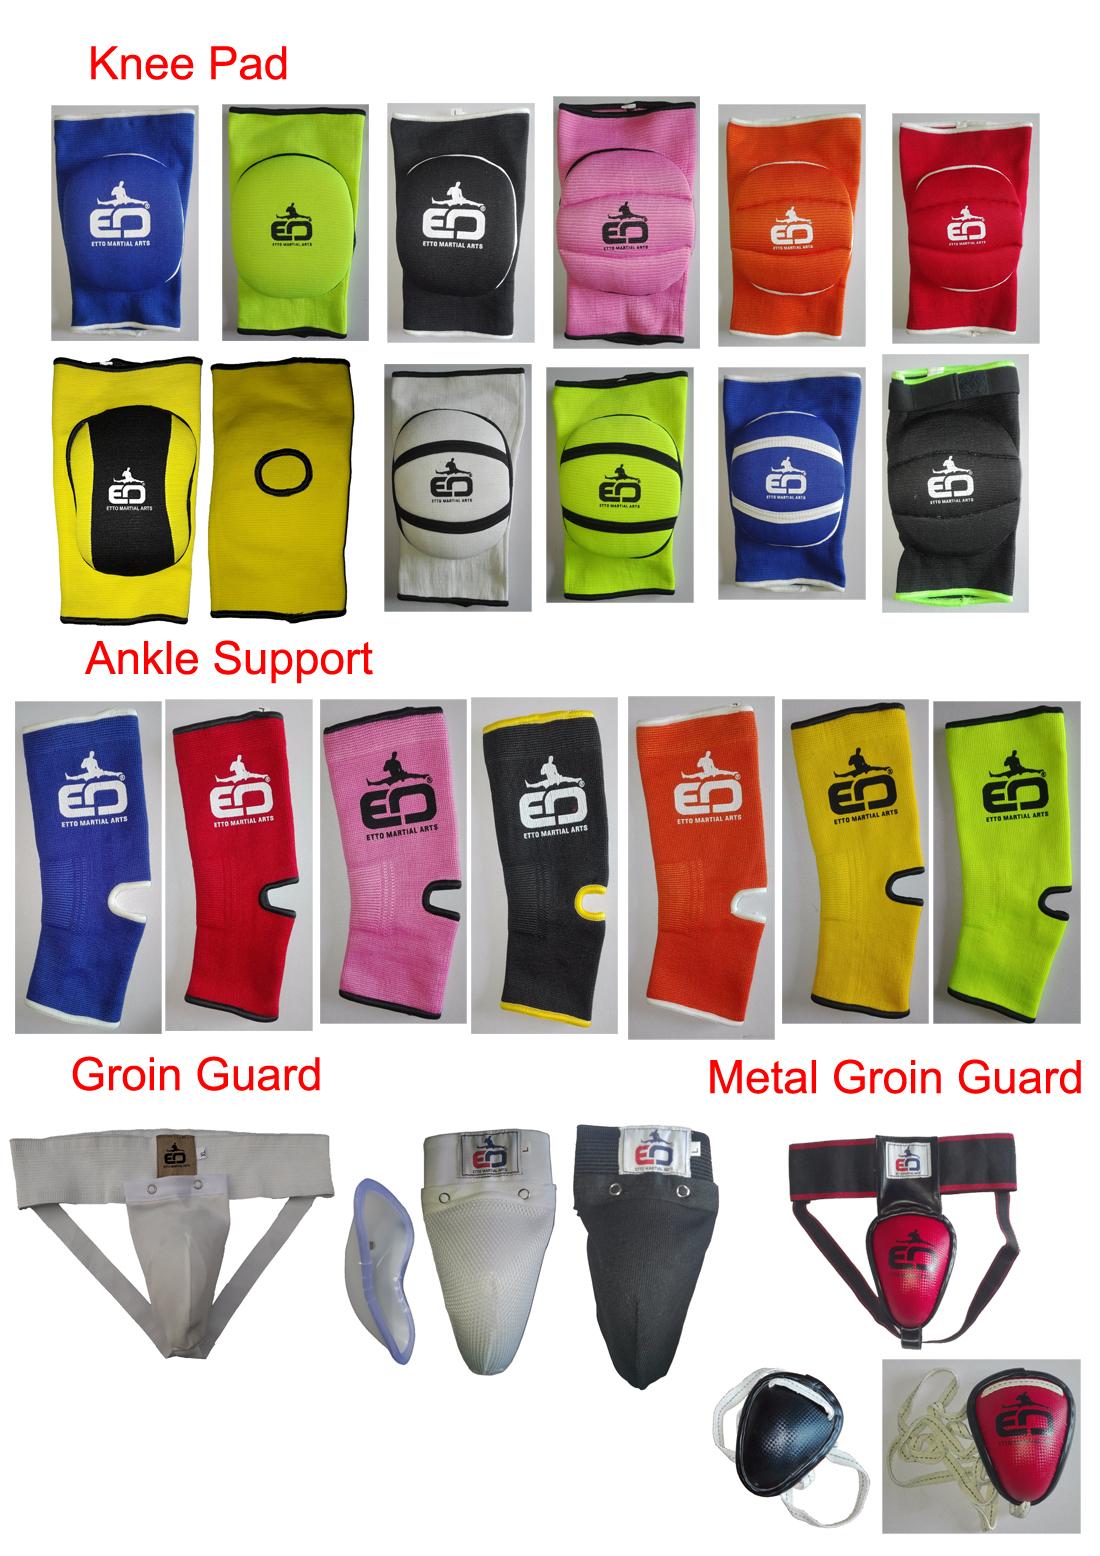 Knee Pads,Knee Protectors,Knee Guard,Elbow Pads,Martial Art Knee Pad,Sports Knee Pad